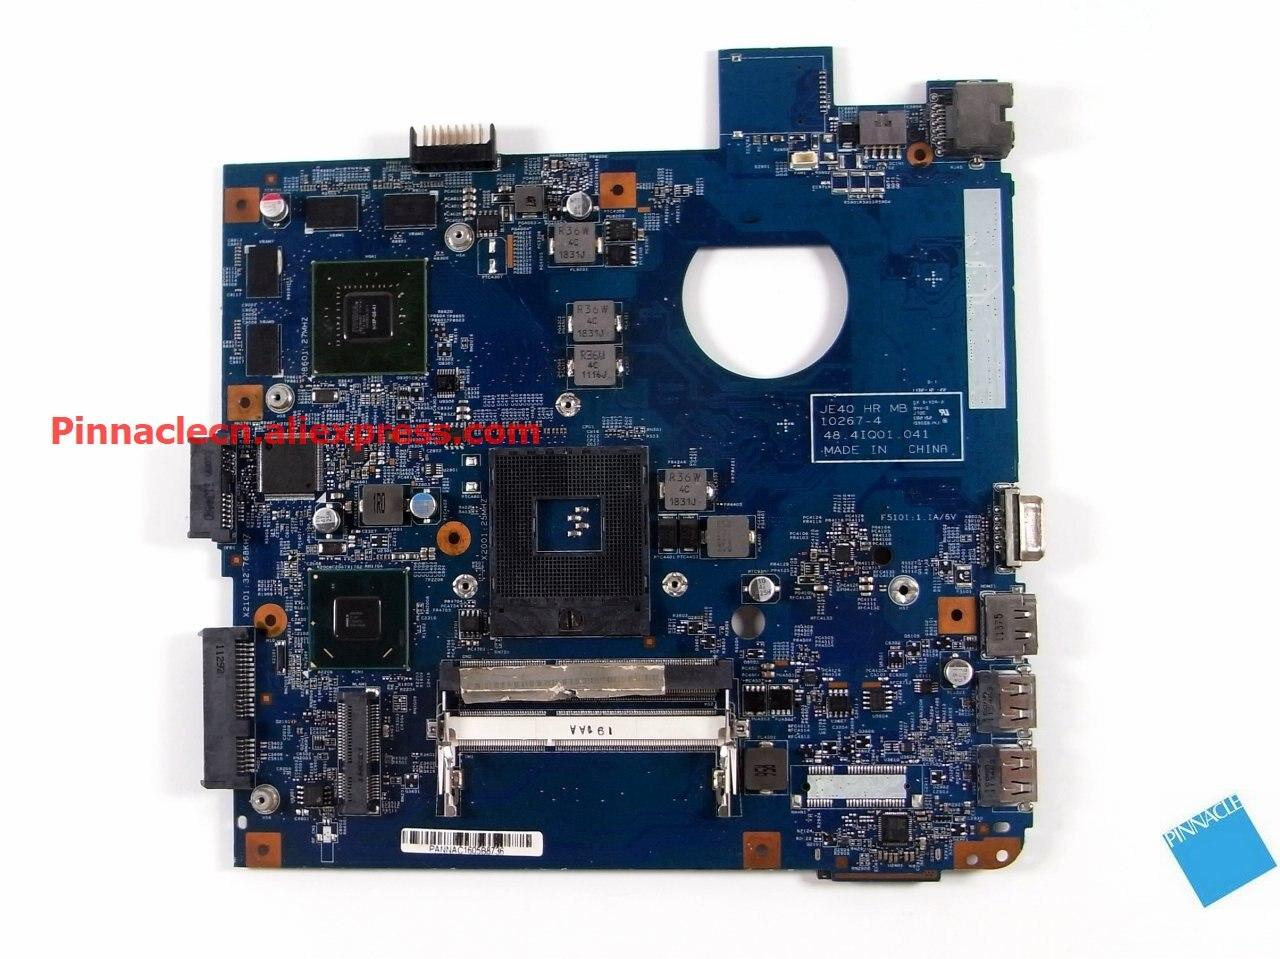 اللوحة الأم MBRRB01001 لـ Acer Aspire 4752G 4755G JE40 48.4IQ01.041